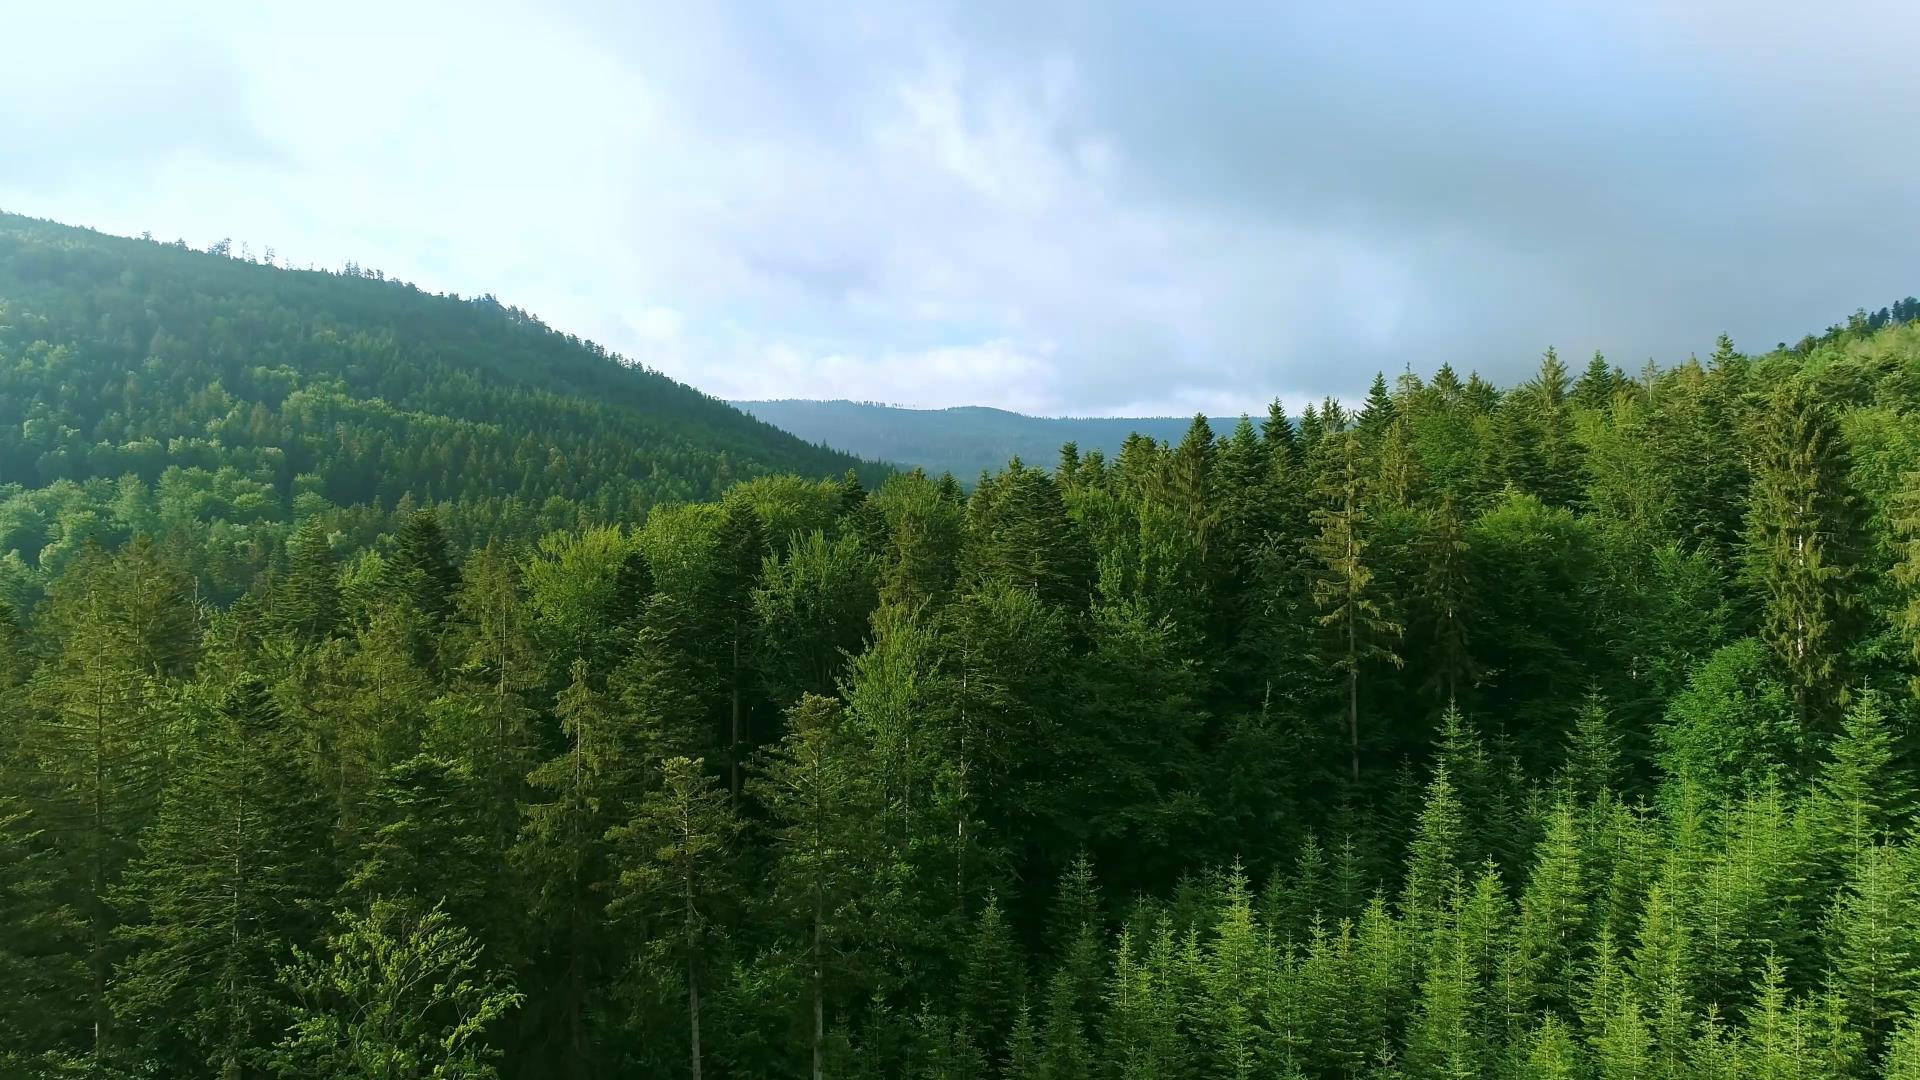 航拍美丽的山林风景